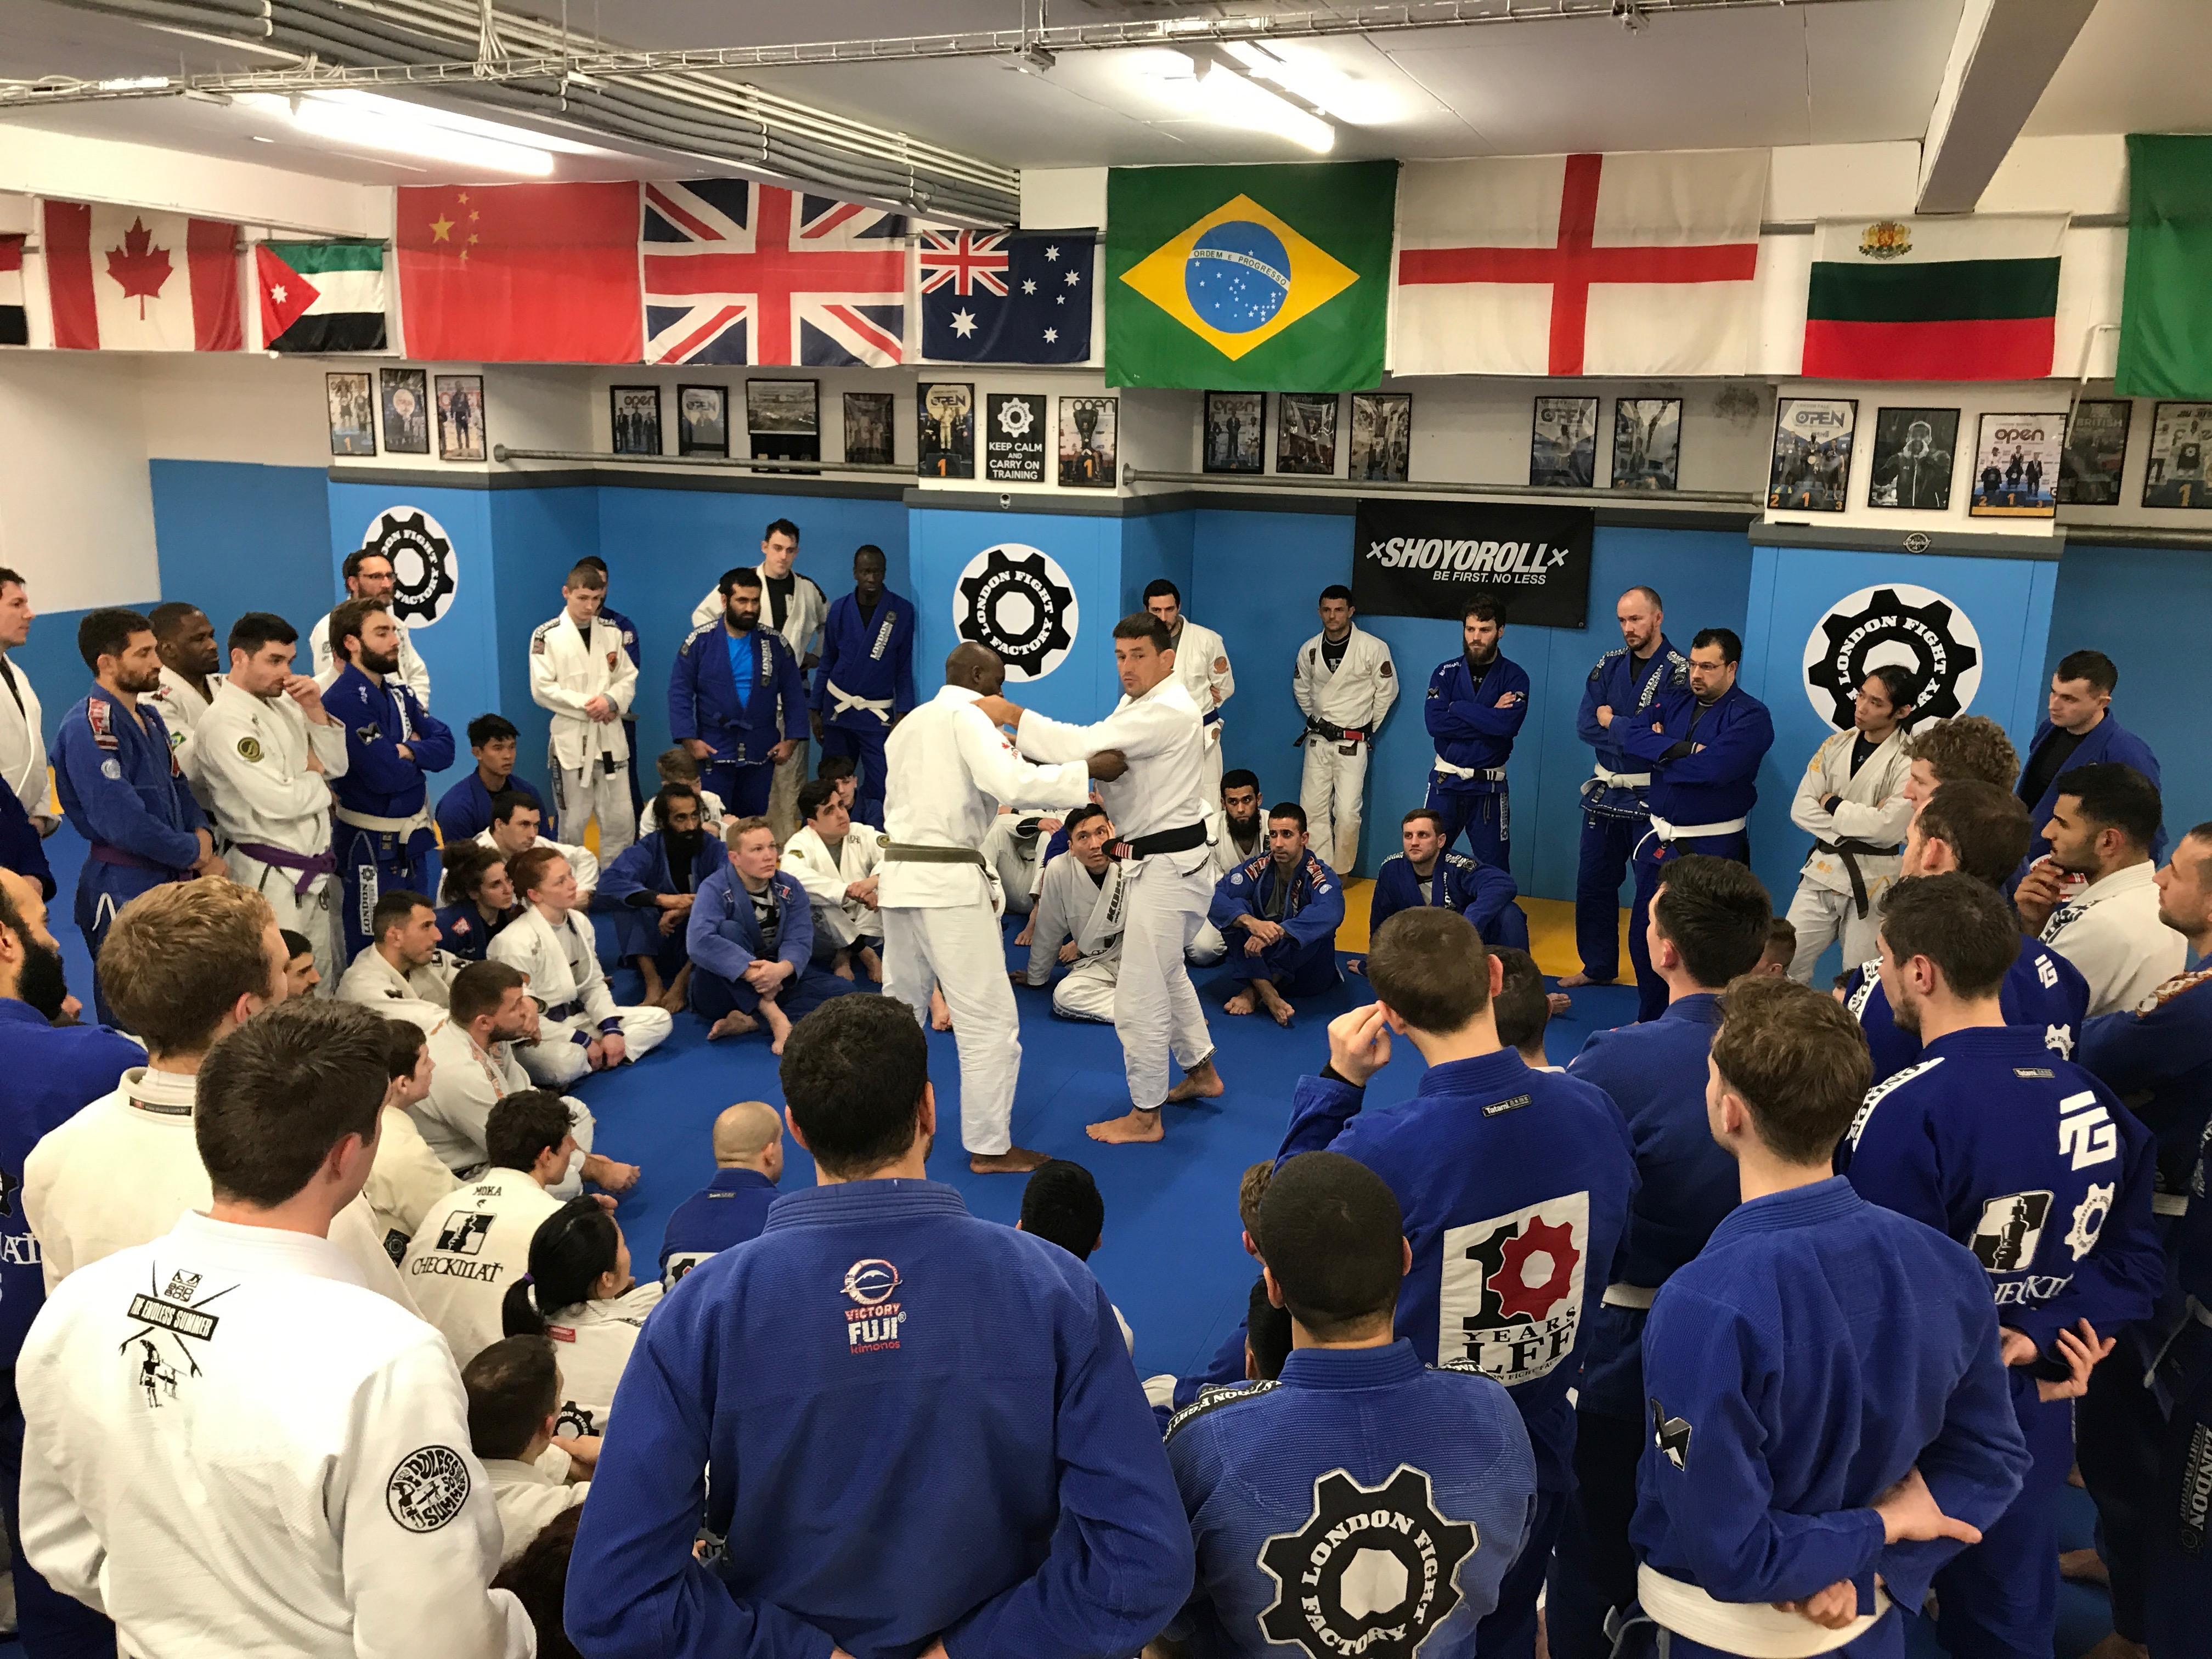 Alunos lutando sobre tatame, em Seminário feito por Demian Maia, em Londres